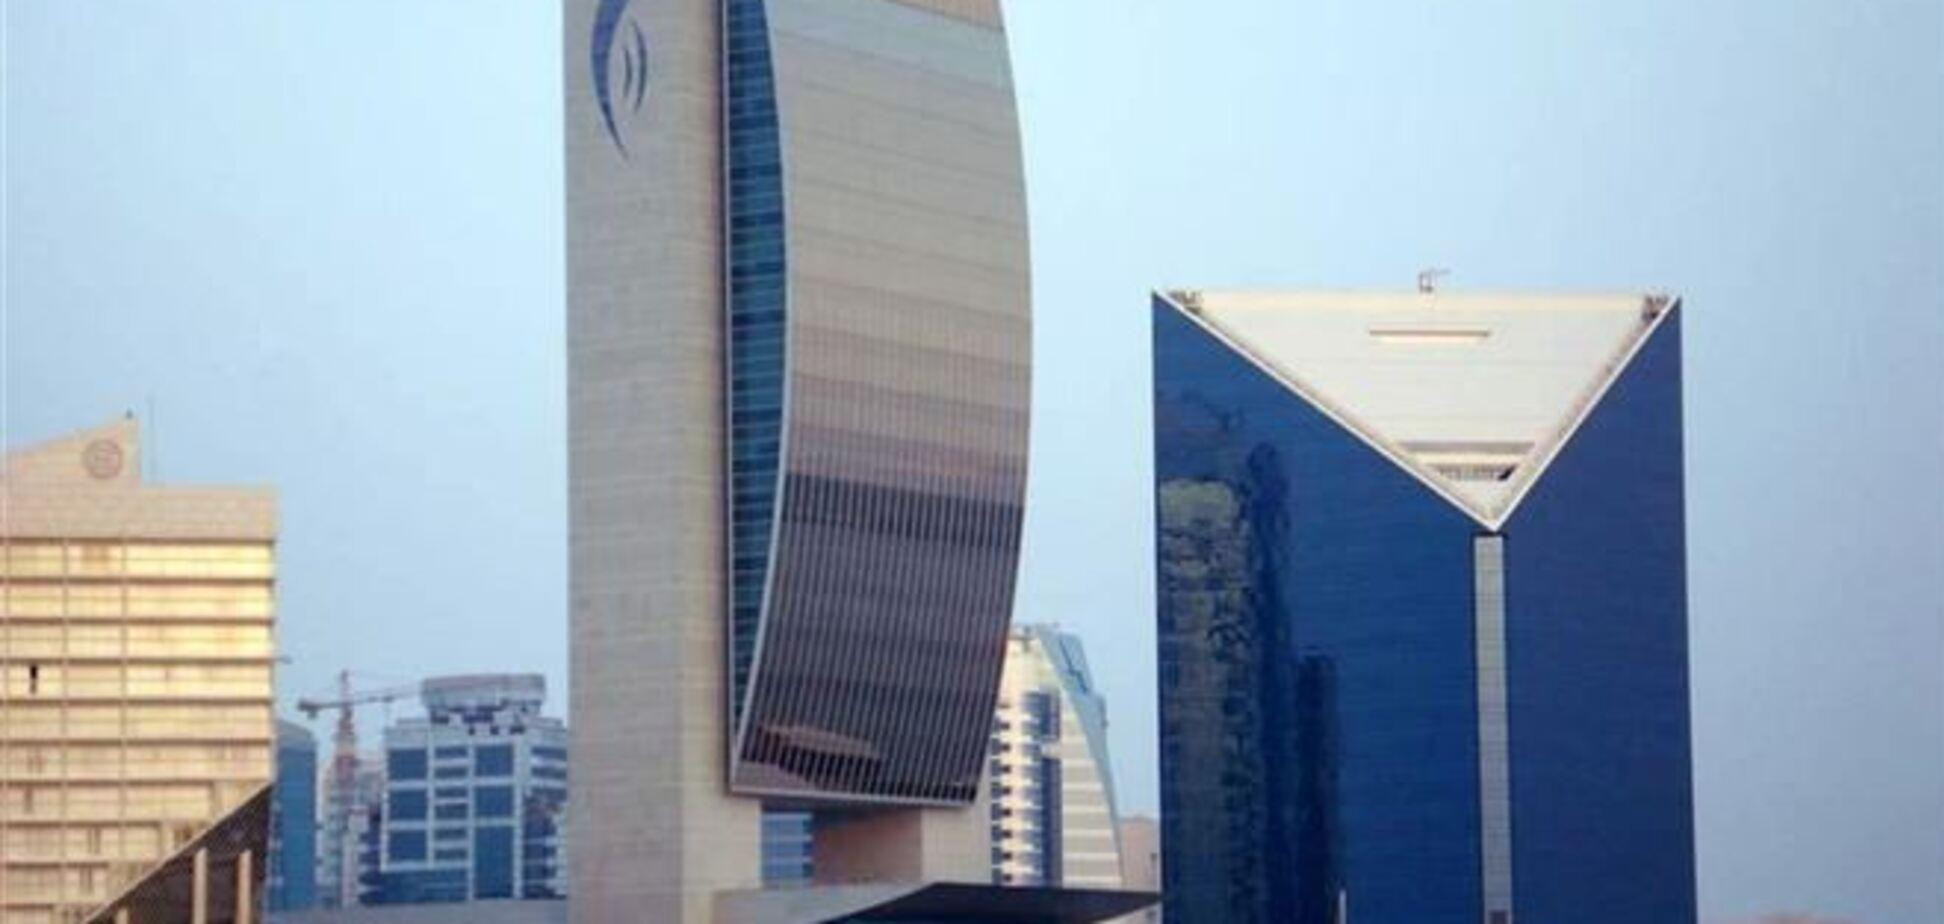 Рынок недвижимости Дубая контролируют несколько крупных застройщиков